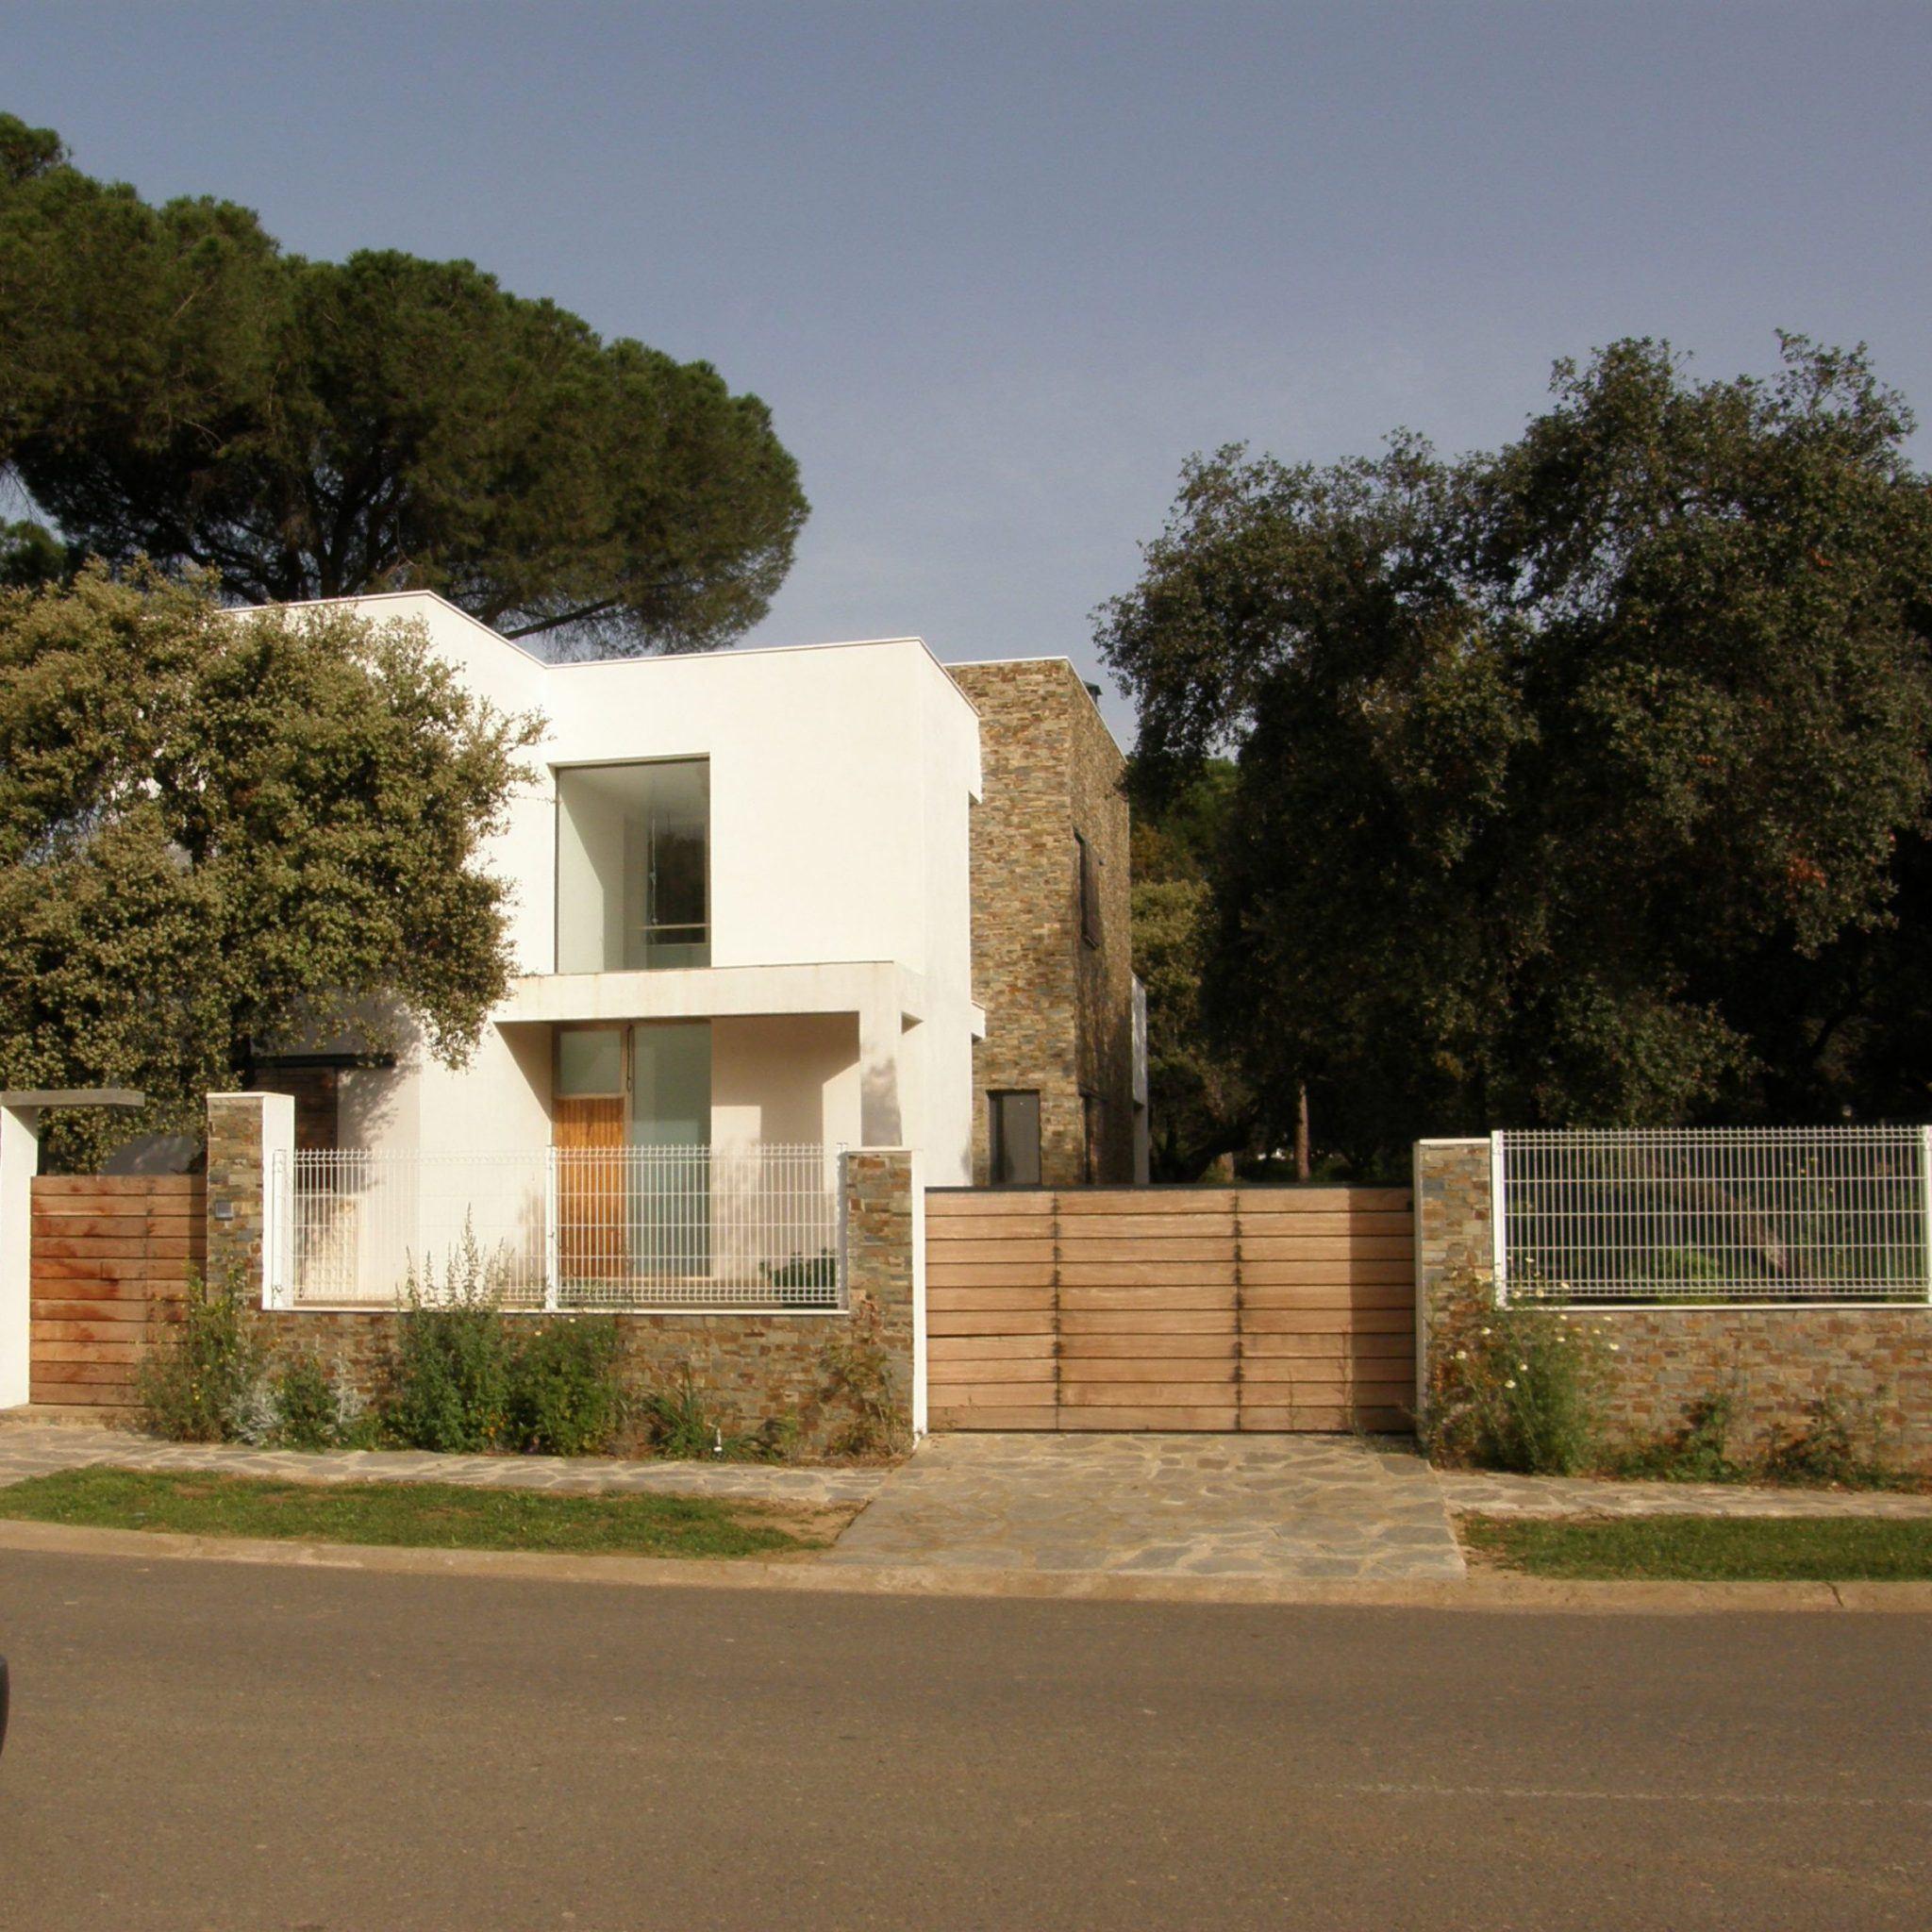 Proyecto de 3 viviendas unifamiliares aisladas por - Proyectos casas unifamiliares ...